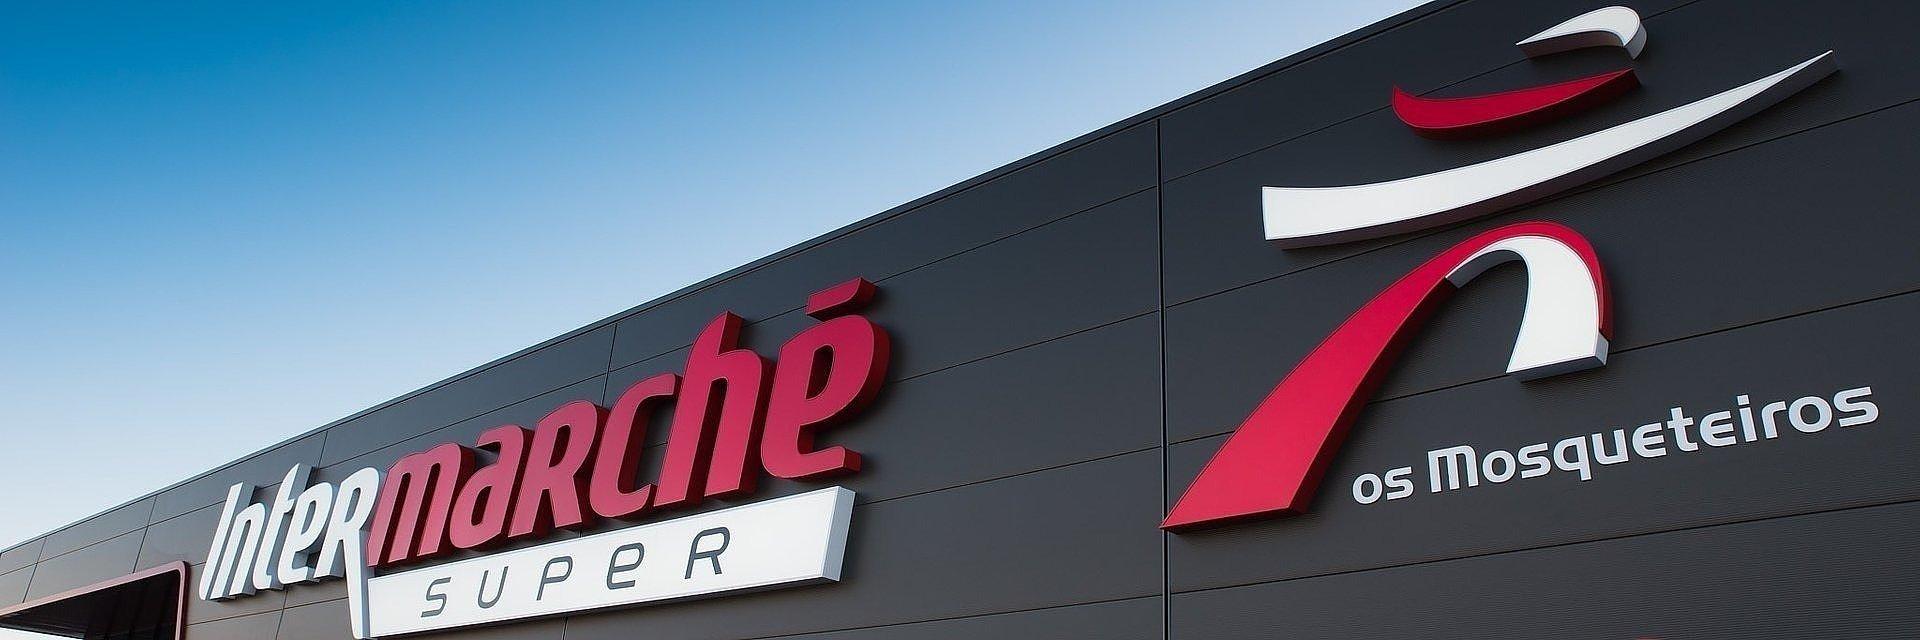 Intermarché apoia campanha solidária da Cruz Vermelha a nível nacional